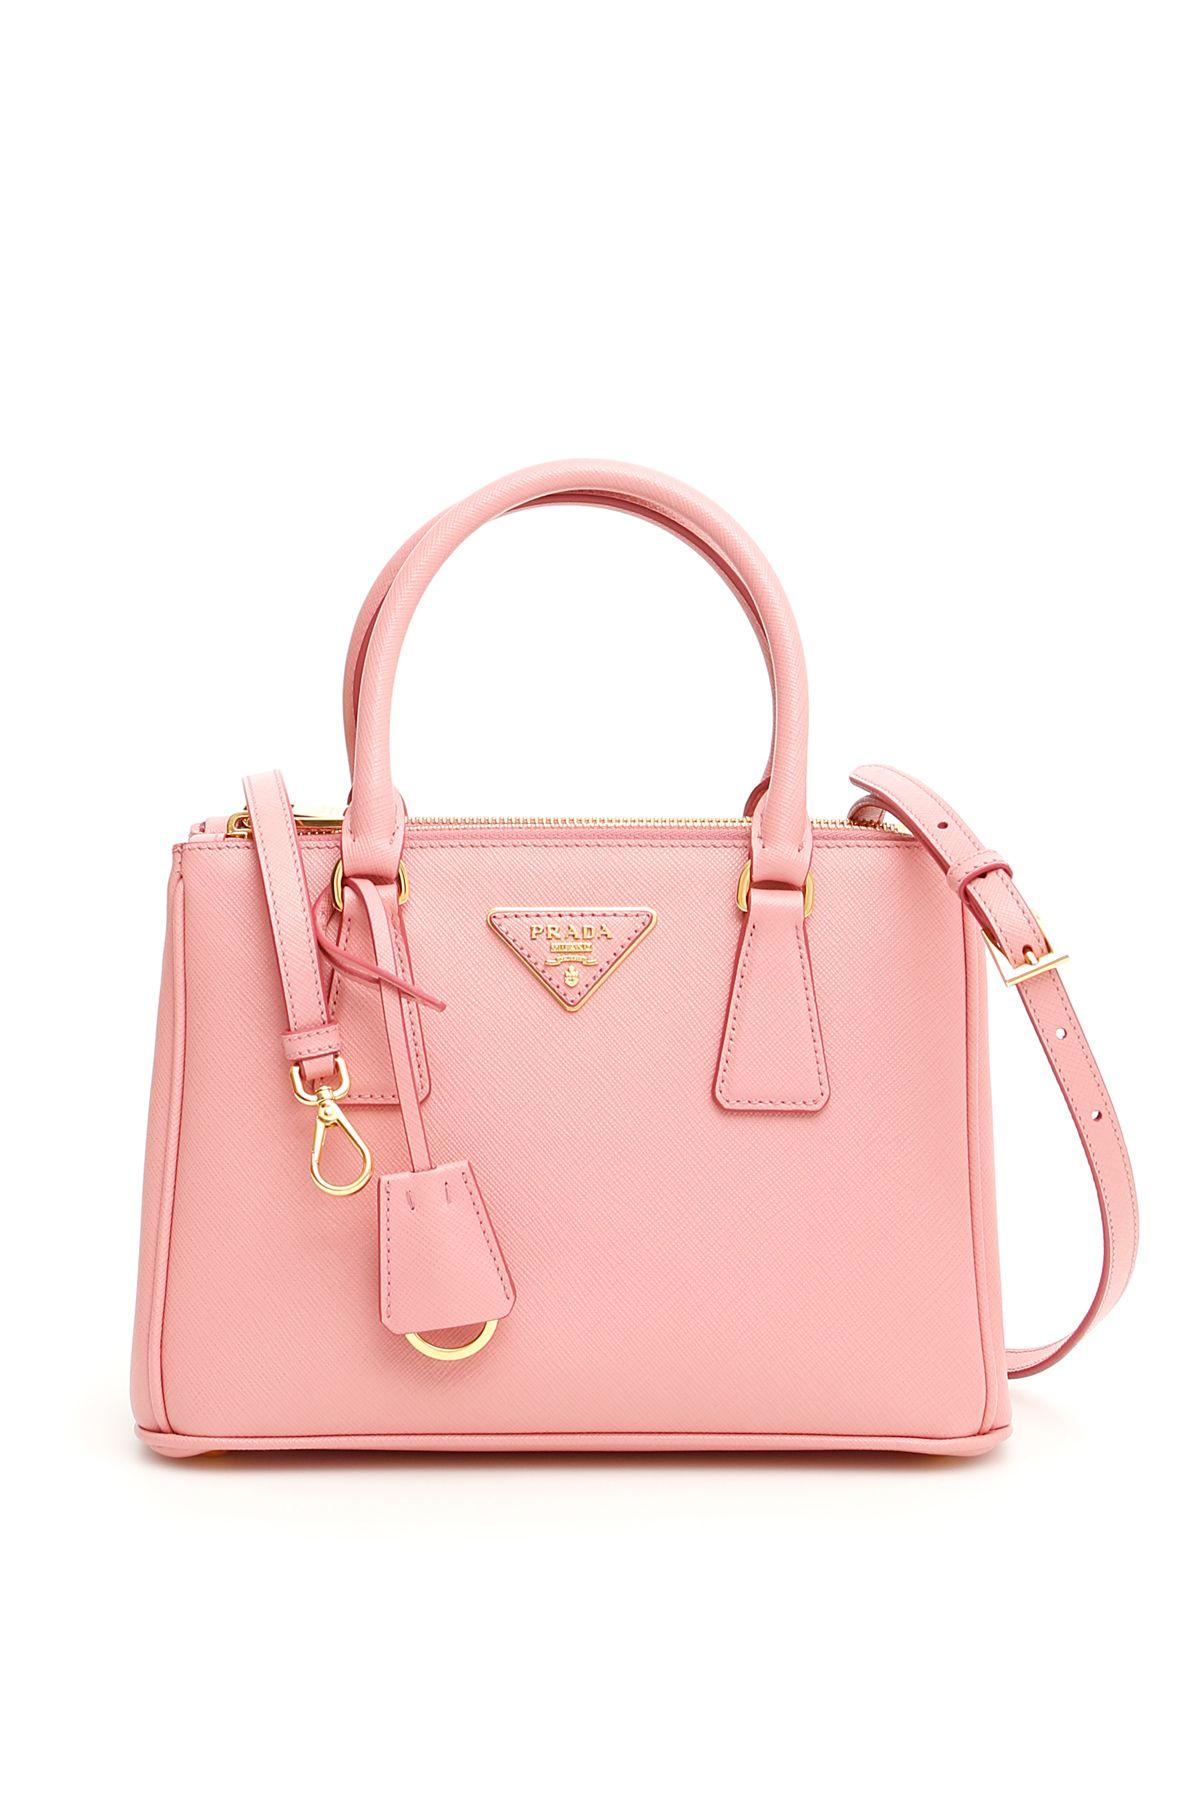 Prada Saffiano Lux Galleria Bag In Petalo 091a28671741b